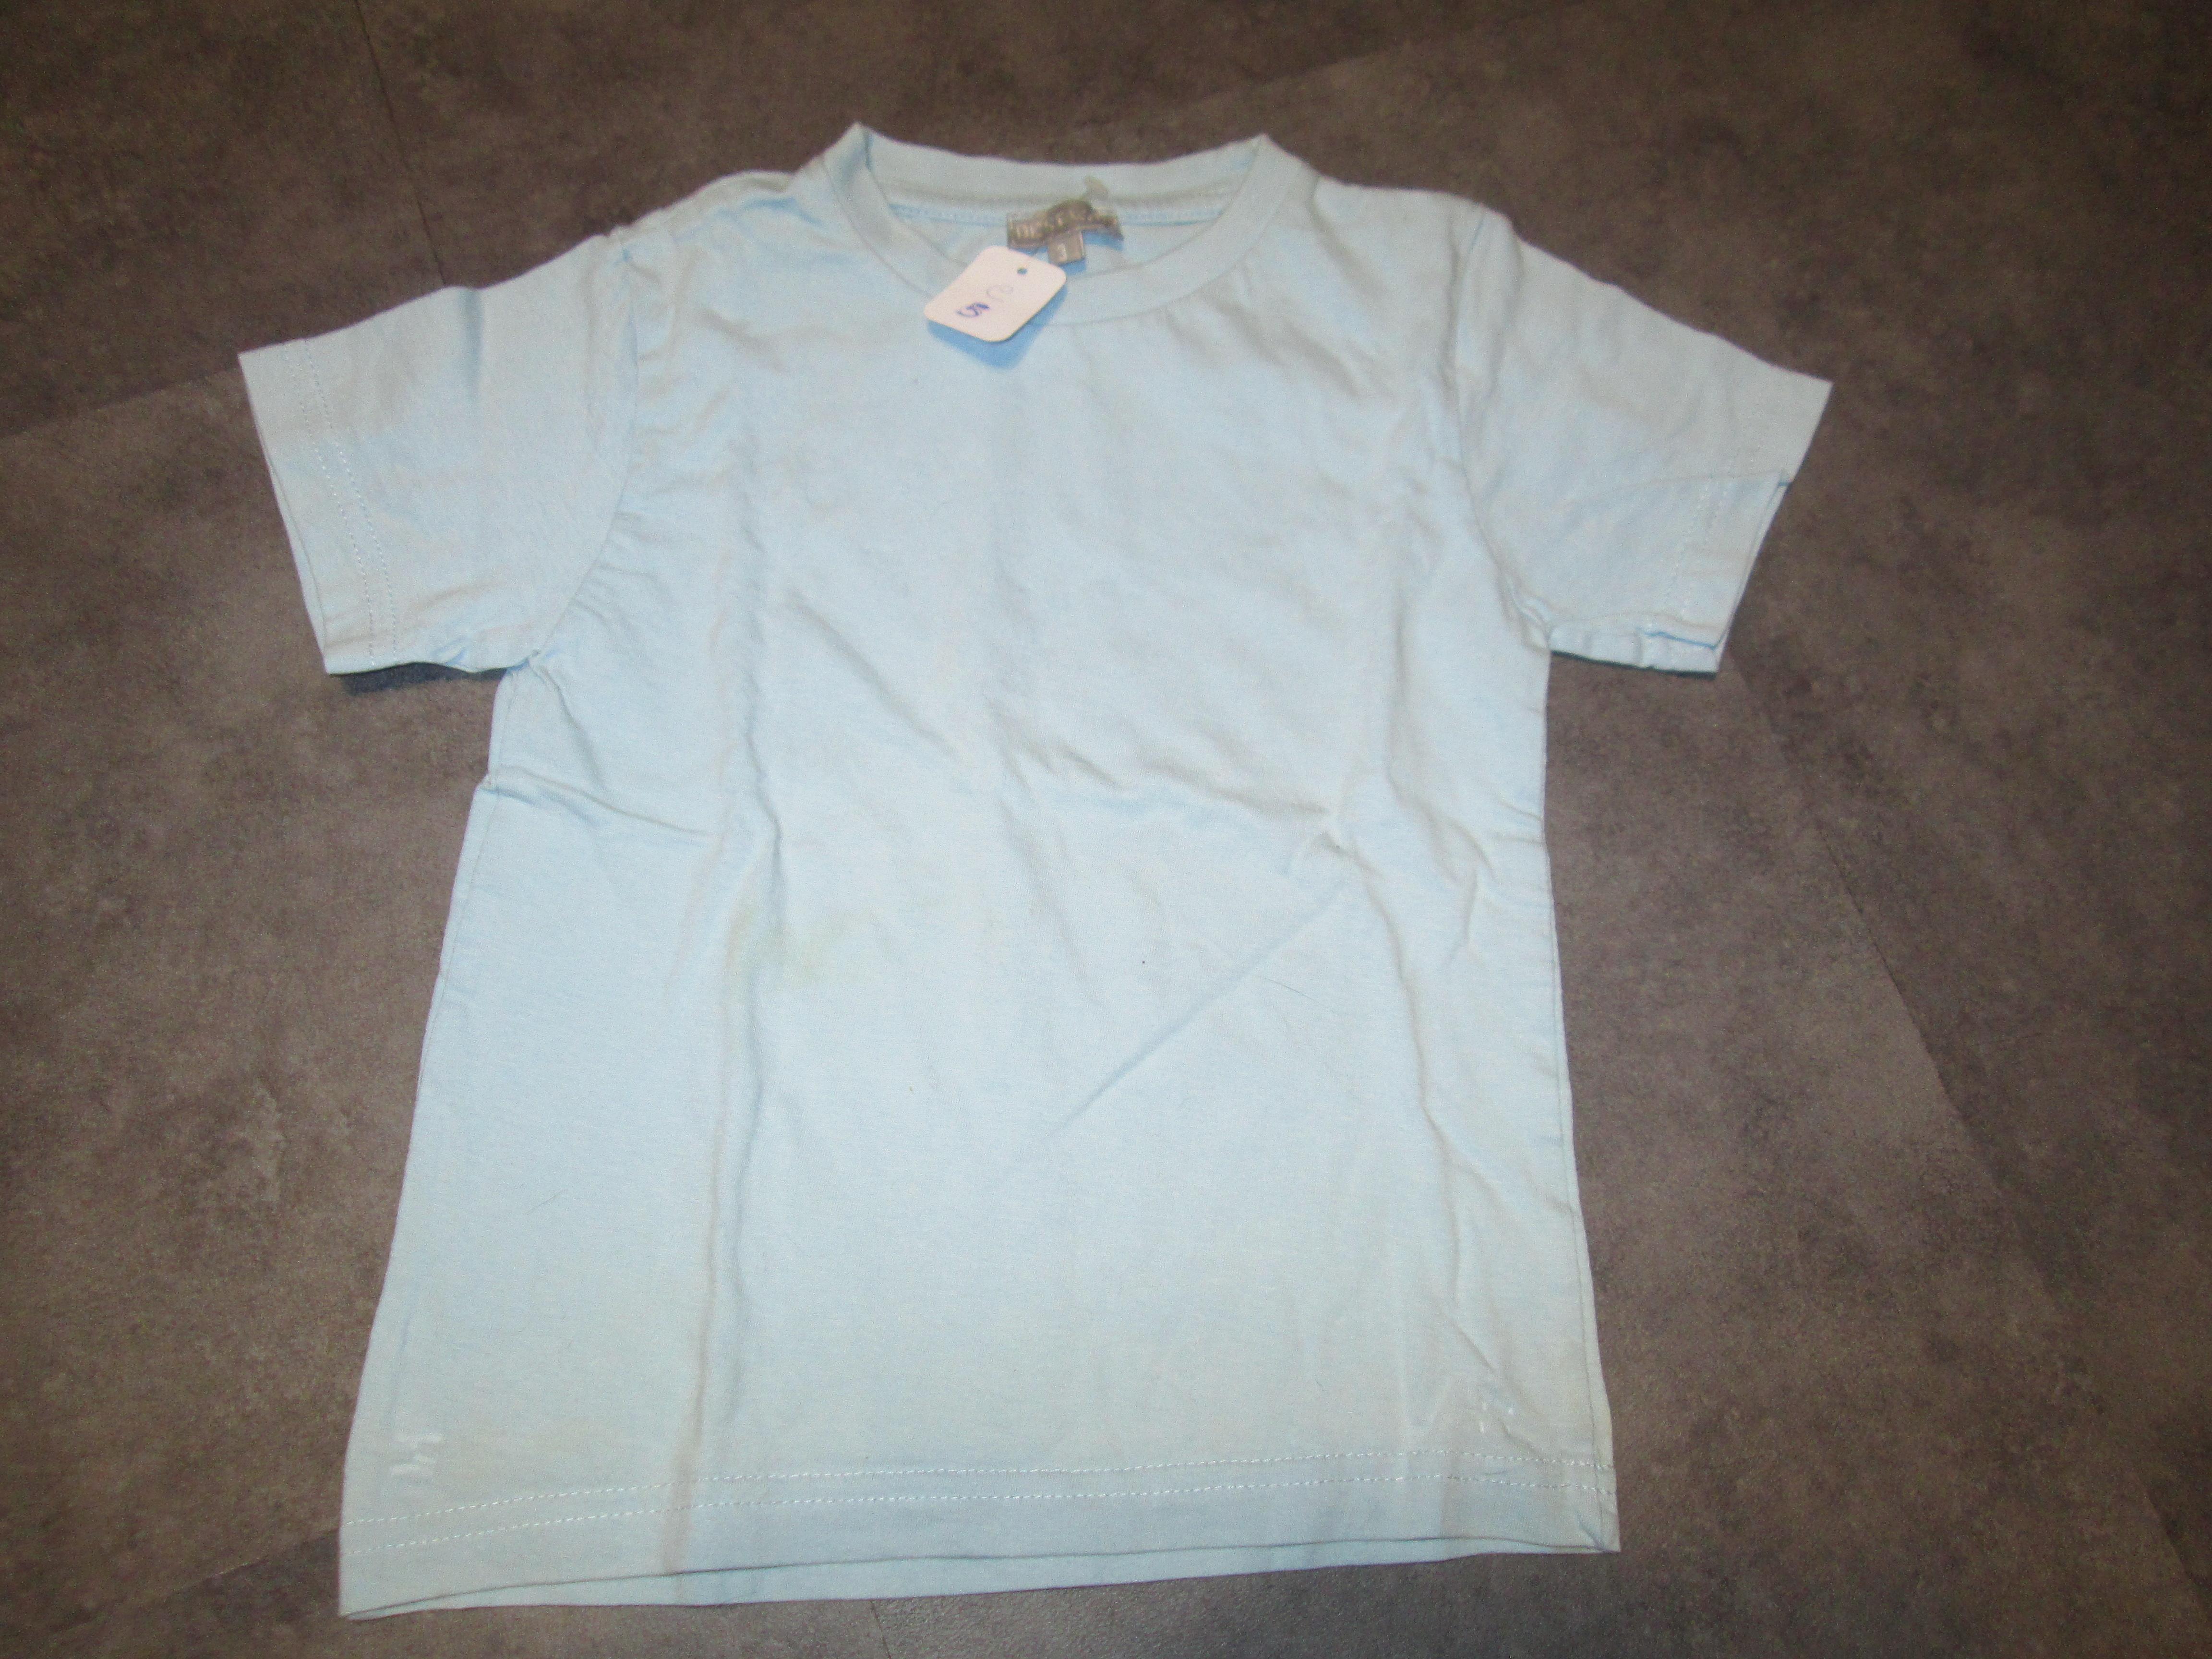 troc de troc tee shirt bleu ciel 3 ans 3 noisettes image 0